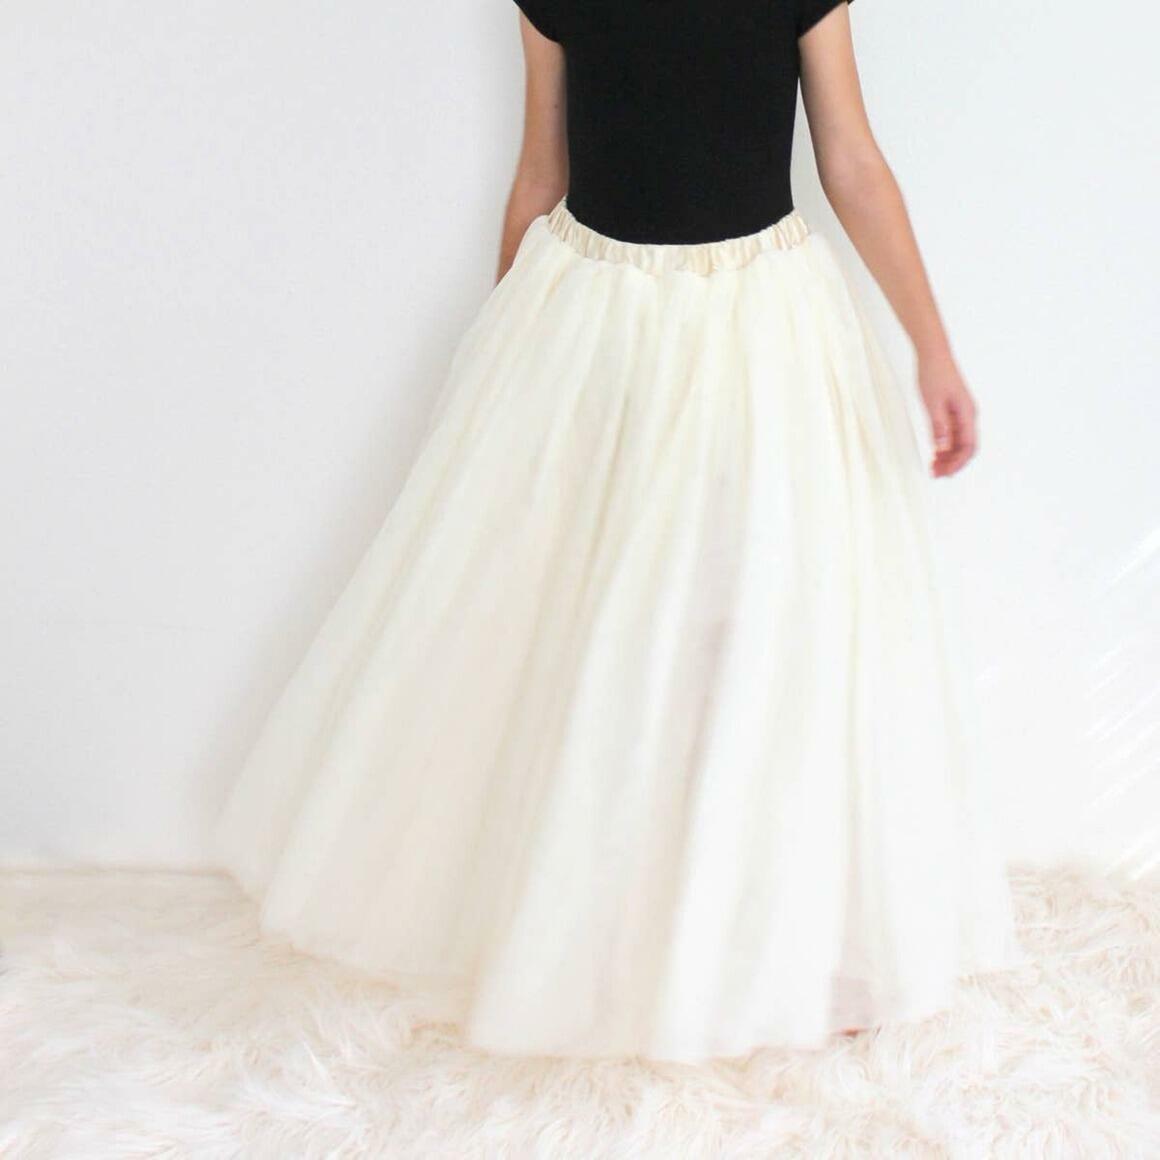 Cream Full Length Tulle Skirt | Trada Marketplace